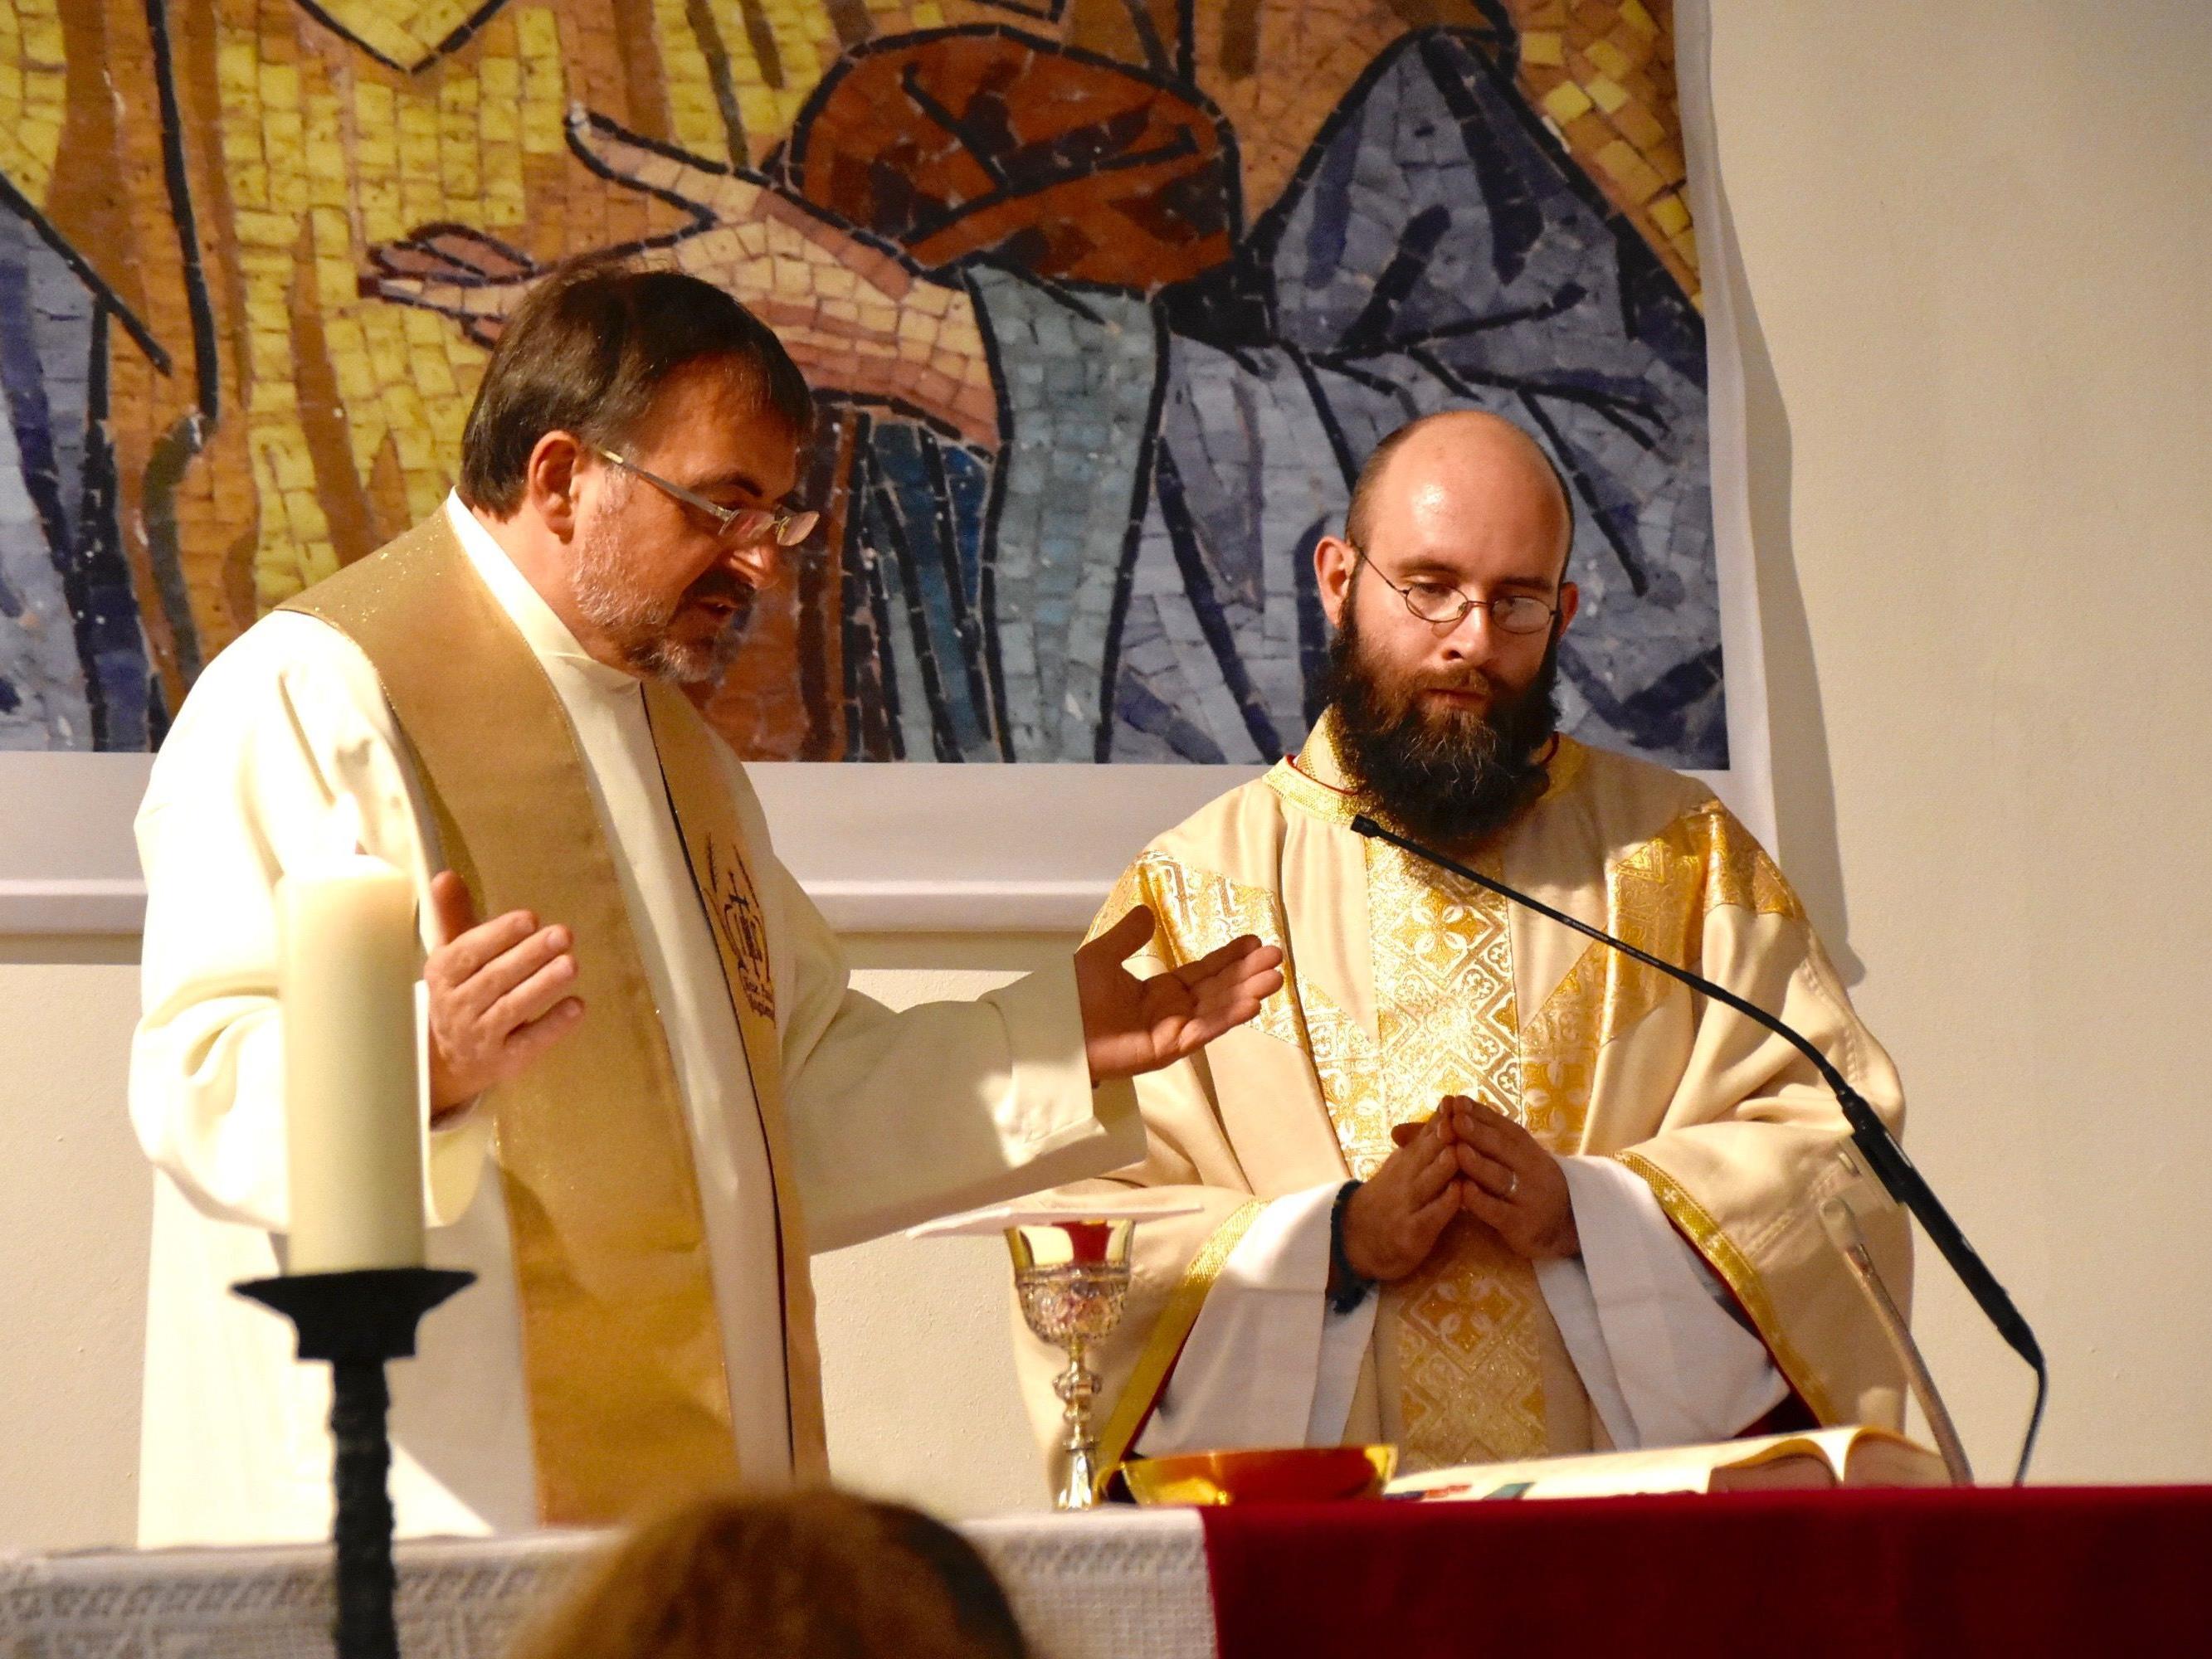 Pfarrer Hans Tinkhauser und Neupriester Dariusz Radziechowski am Altar der Pfarrkirche Gantschier, 18. März 2017